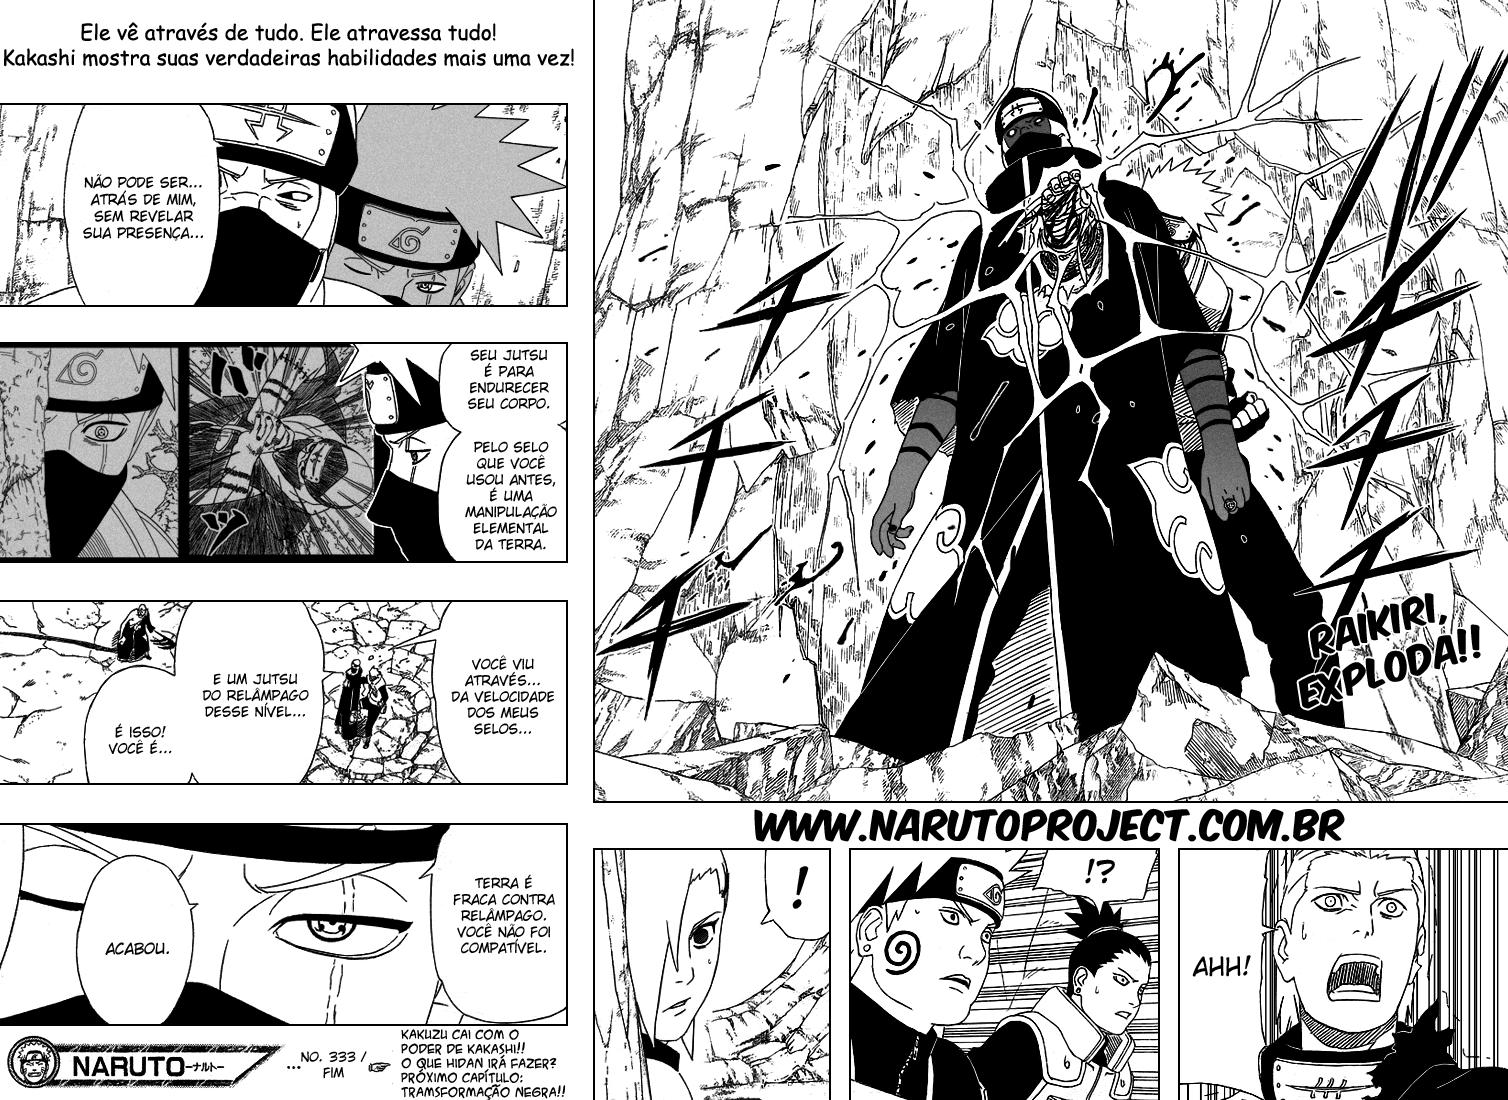 Shikamaru:inteligente porém fraco em combate? - Página 2 16-1712